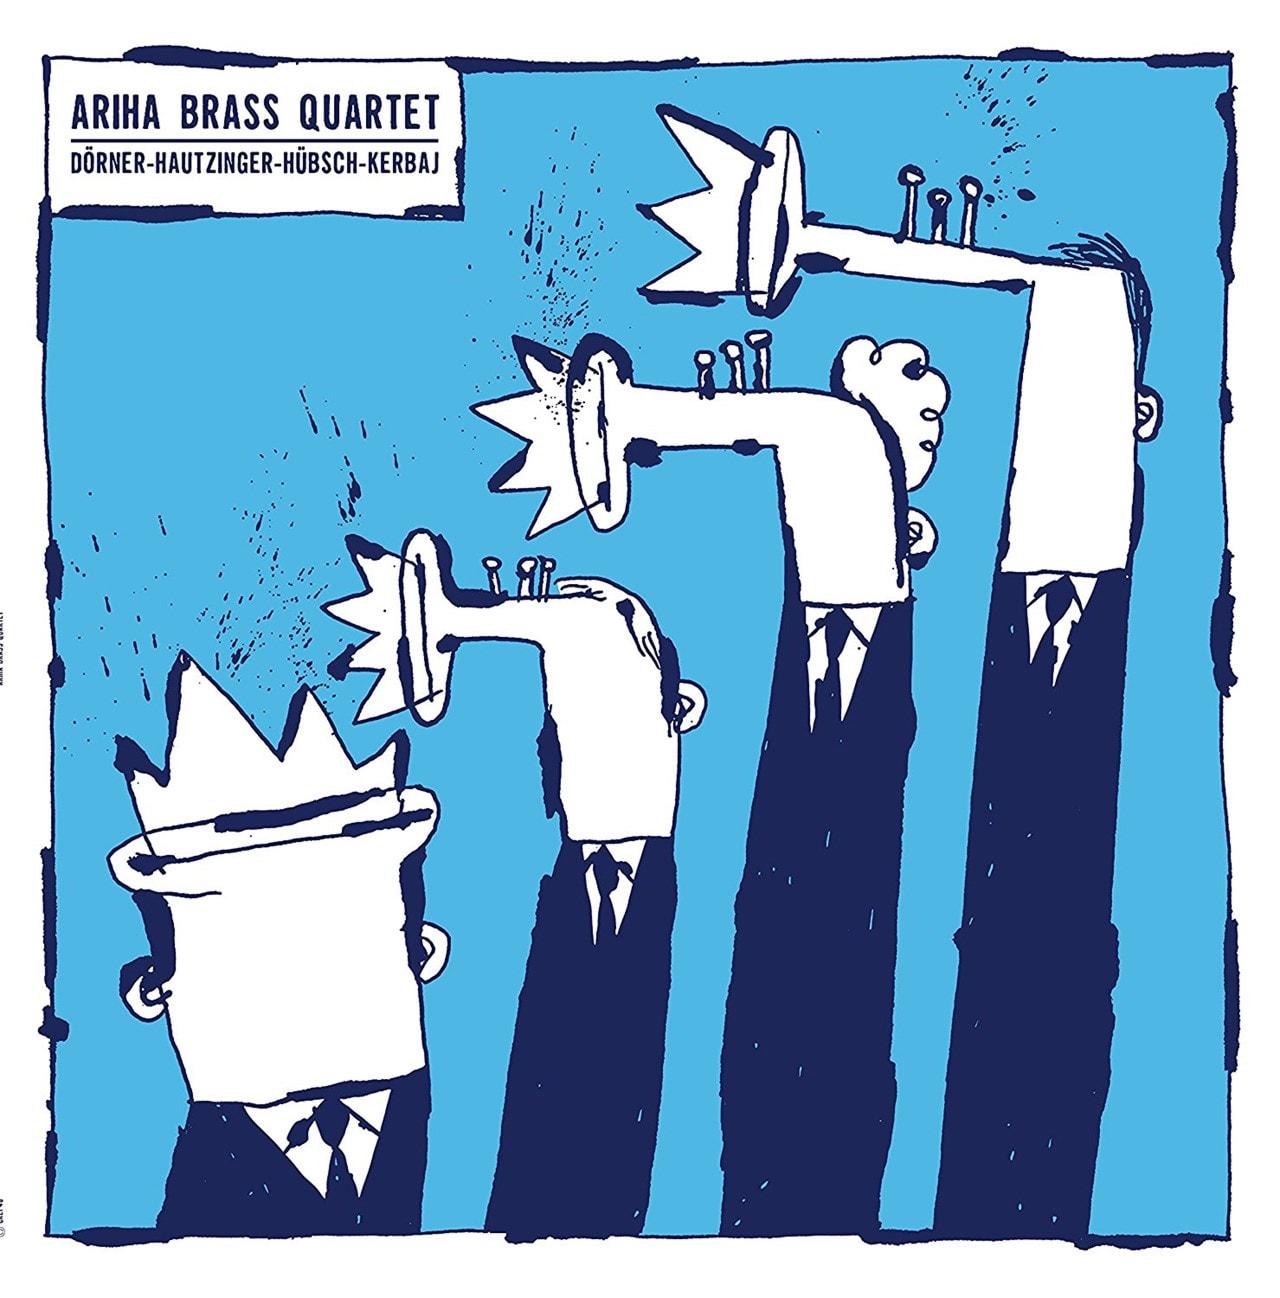 Ariha Brass Quartet - 1